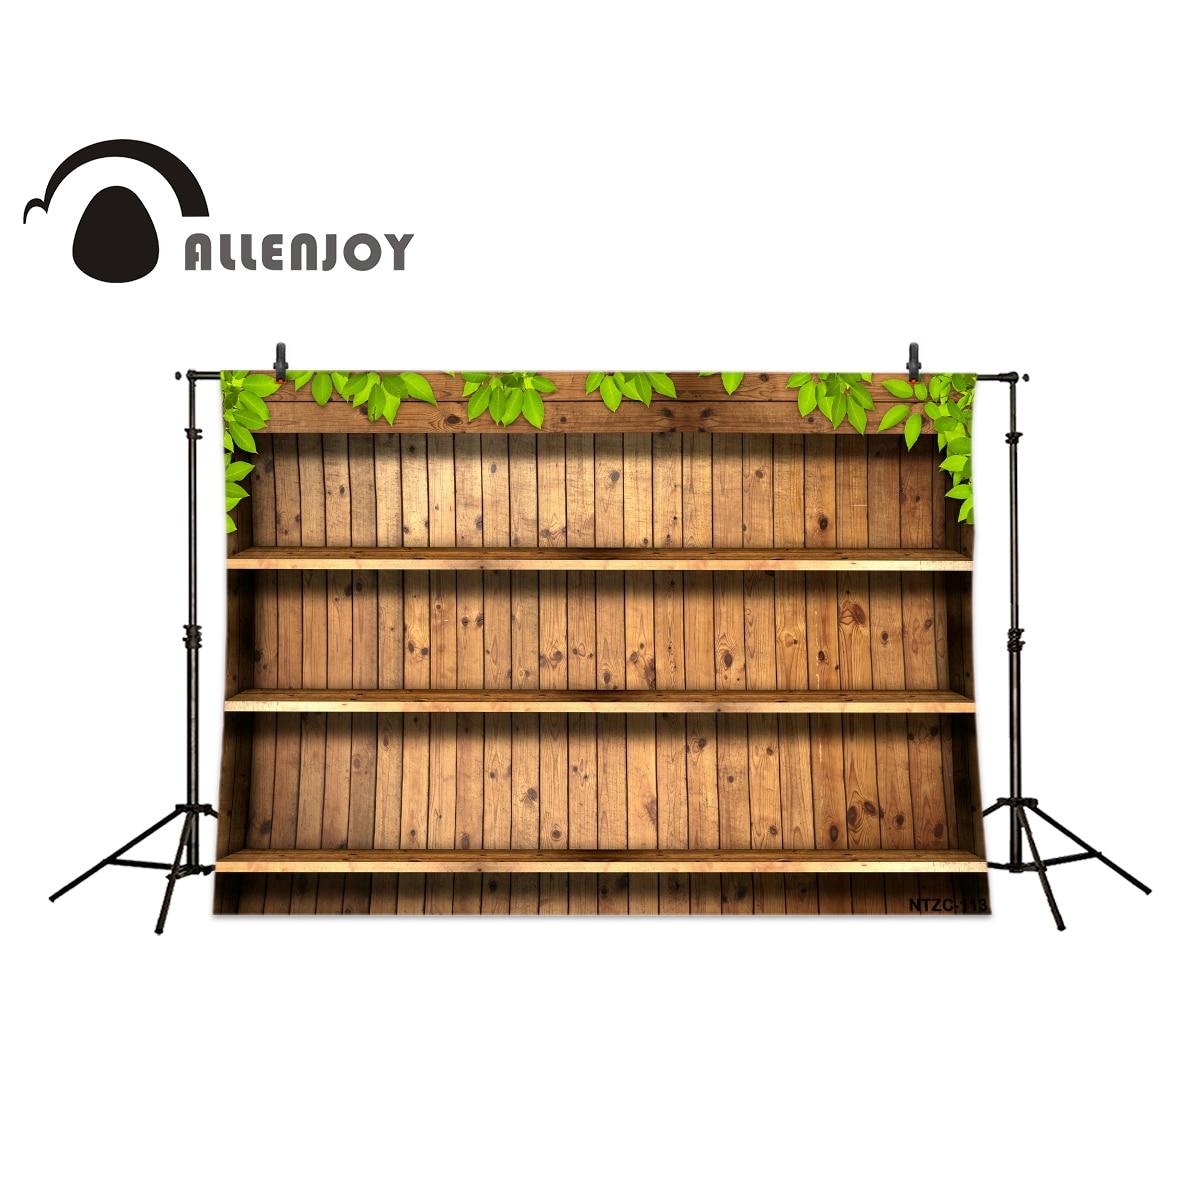 Fondos de fotografía de allenjoy estantes planta pared de ladrillo de madera  fondos para estudio fotográfico 93f4a23ca4c1